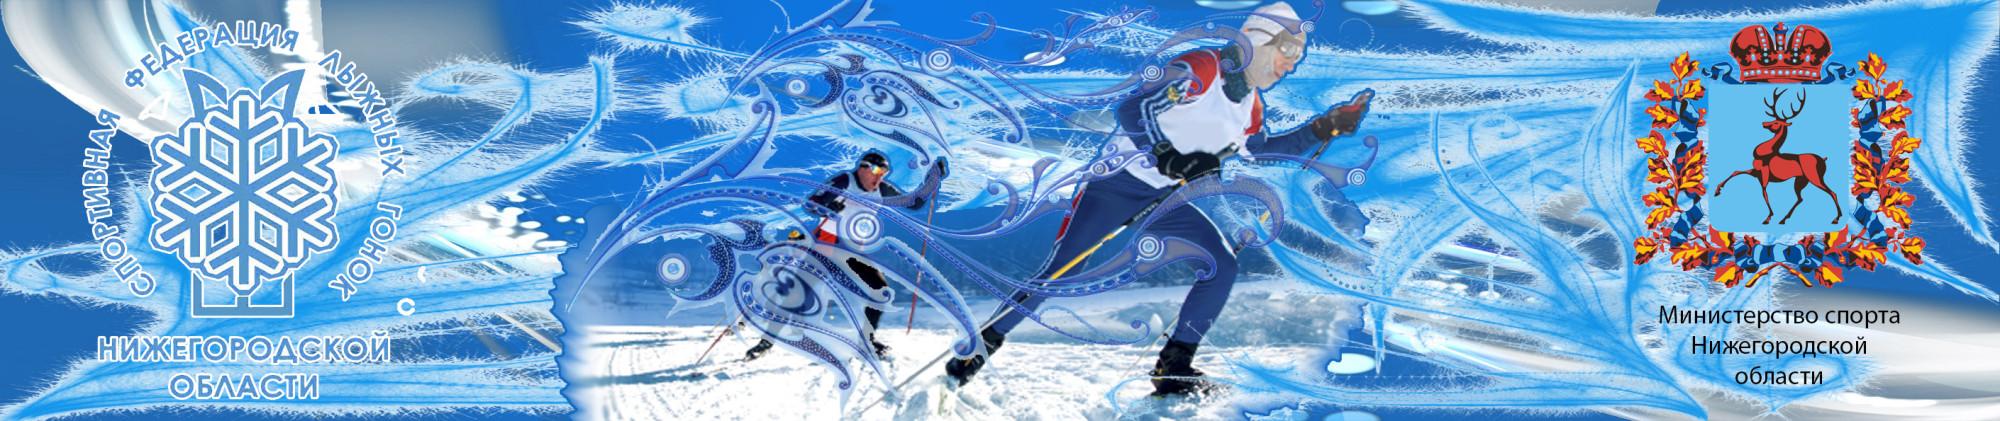 Нижегородская федерация лыжных гонок